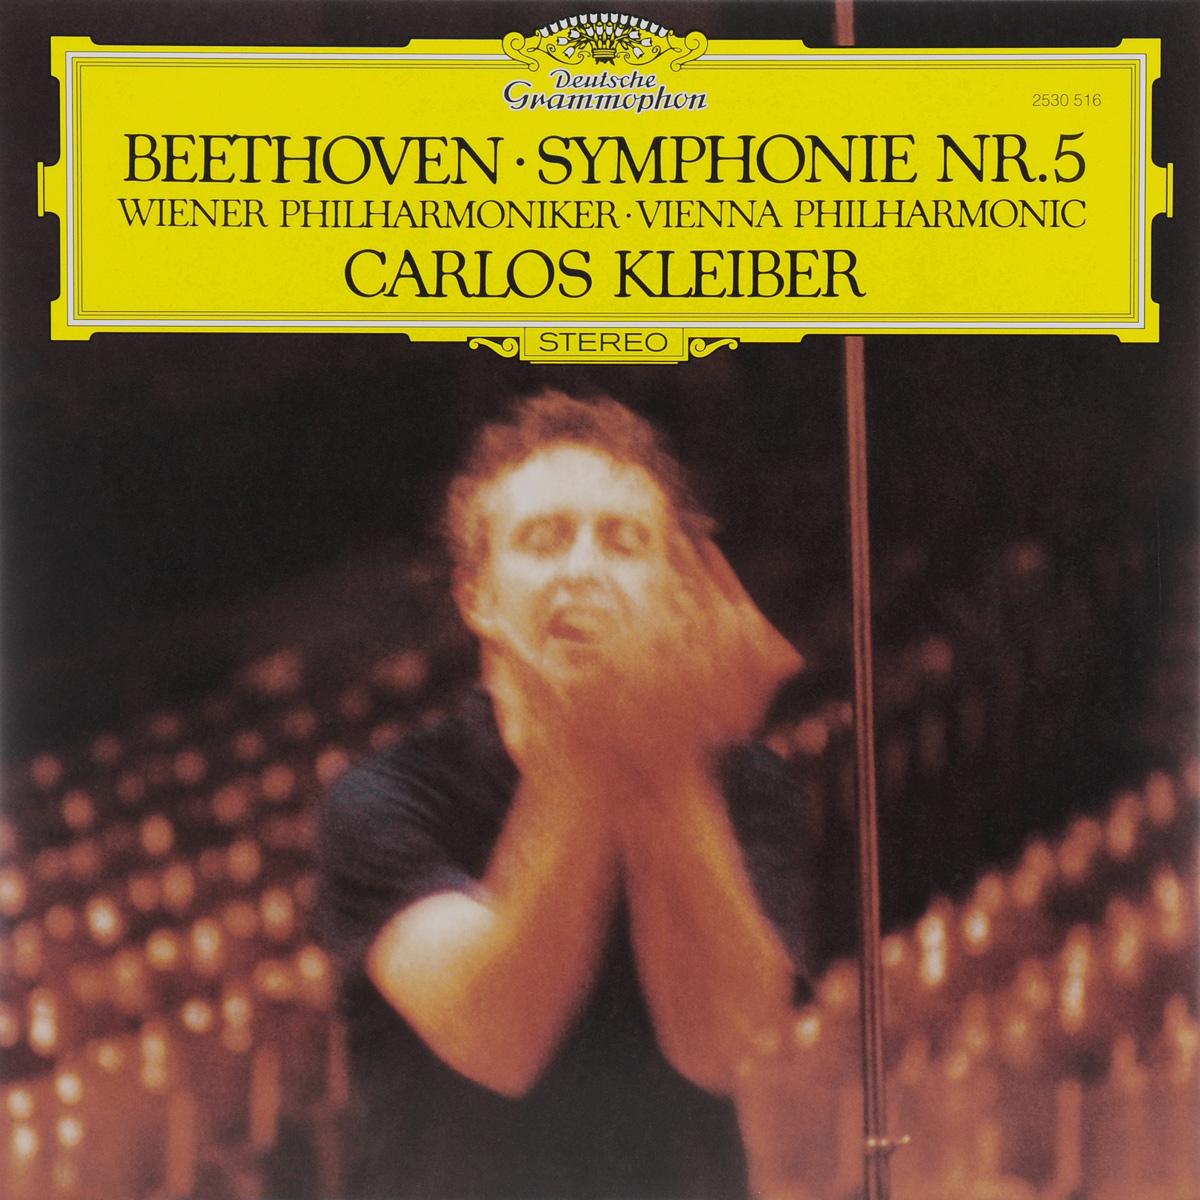 Carlos Kleiber. Beethoven. Symphonie Nr. 5 (LP)